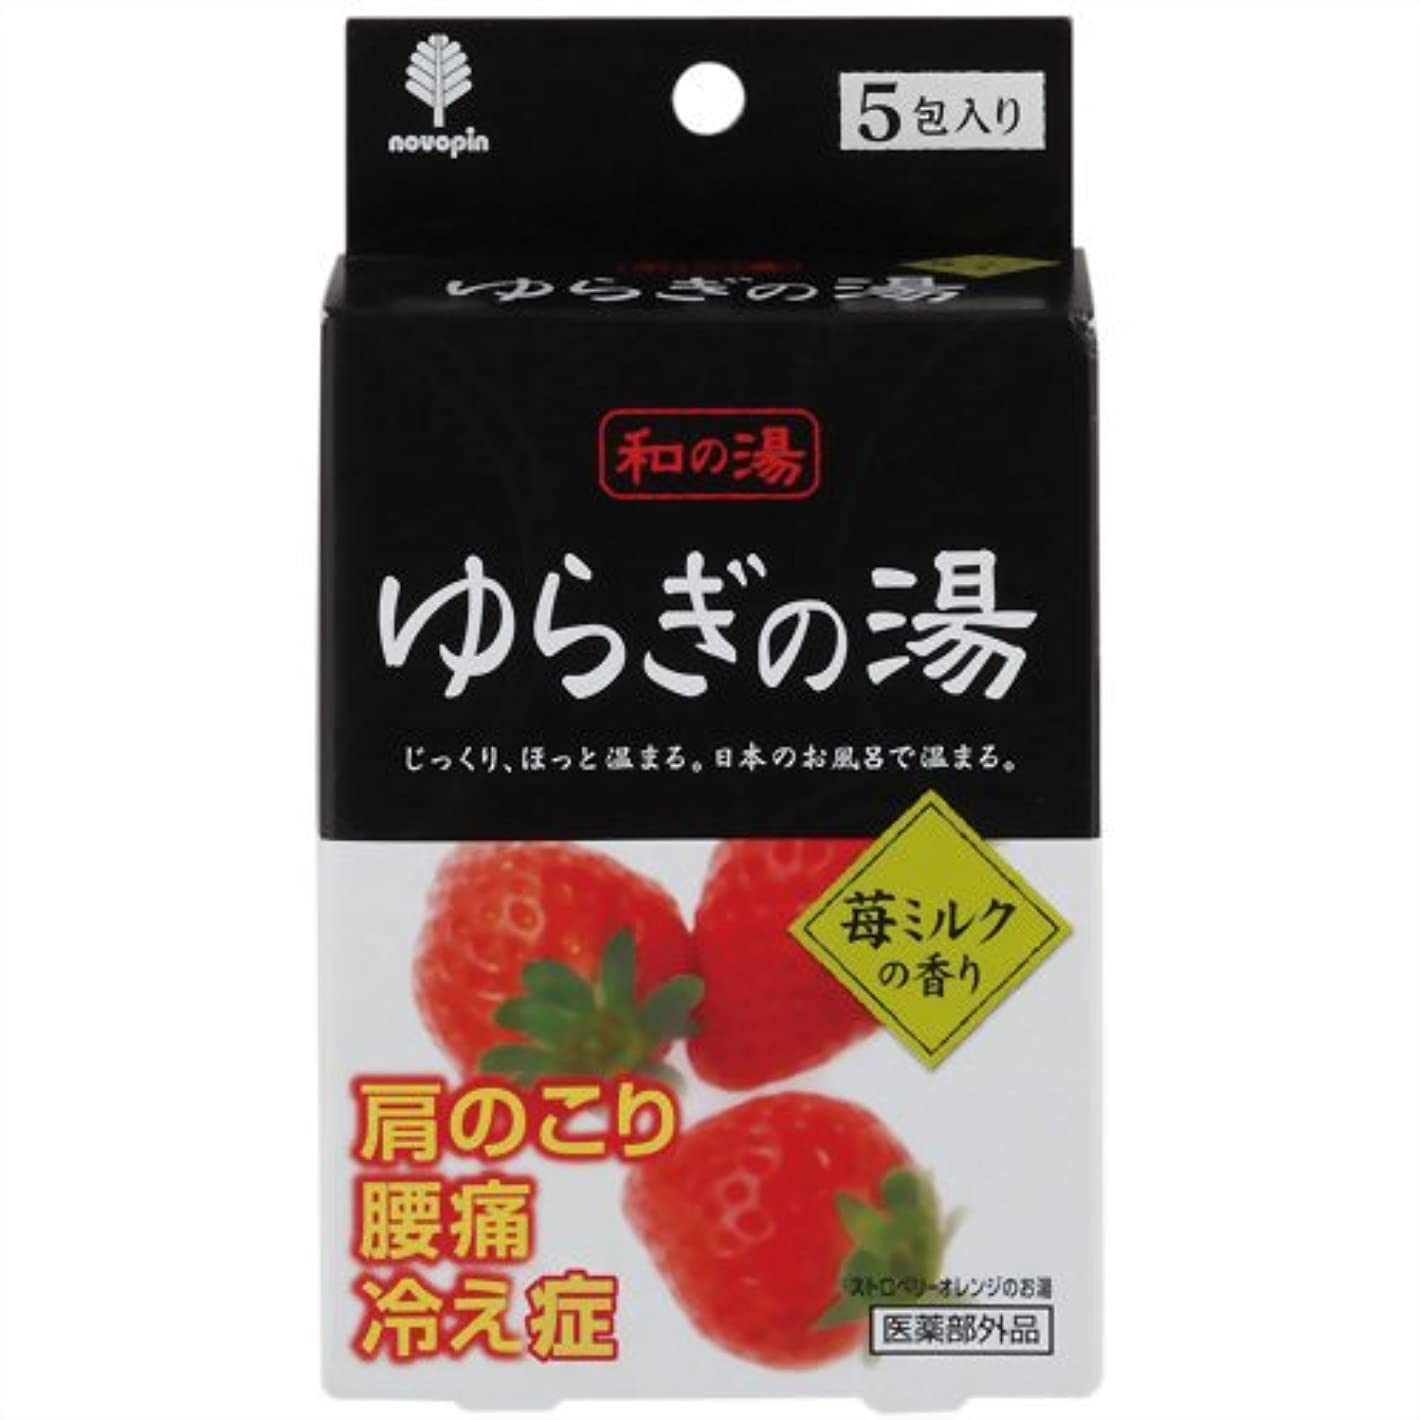 クーポン方程式無駄な和の湯 ゆらぎの湯 苺ミルクの香り